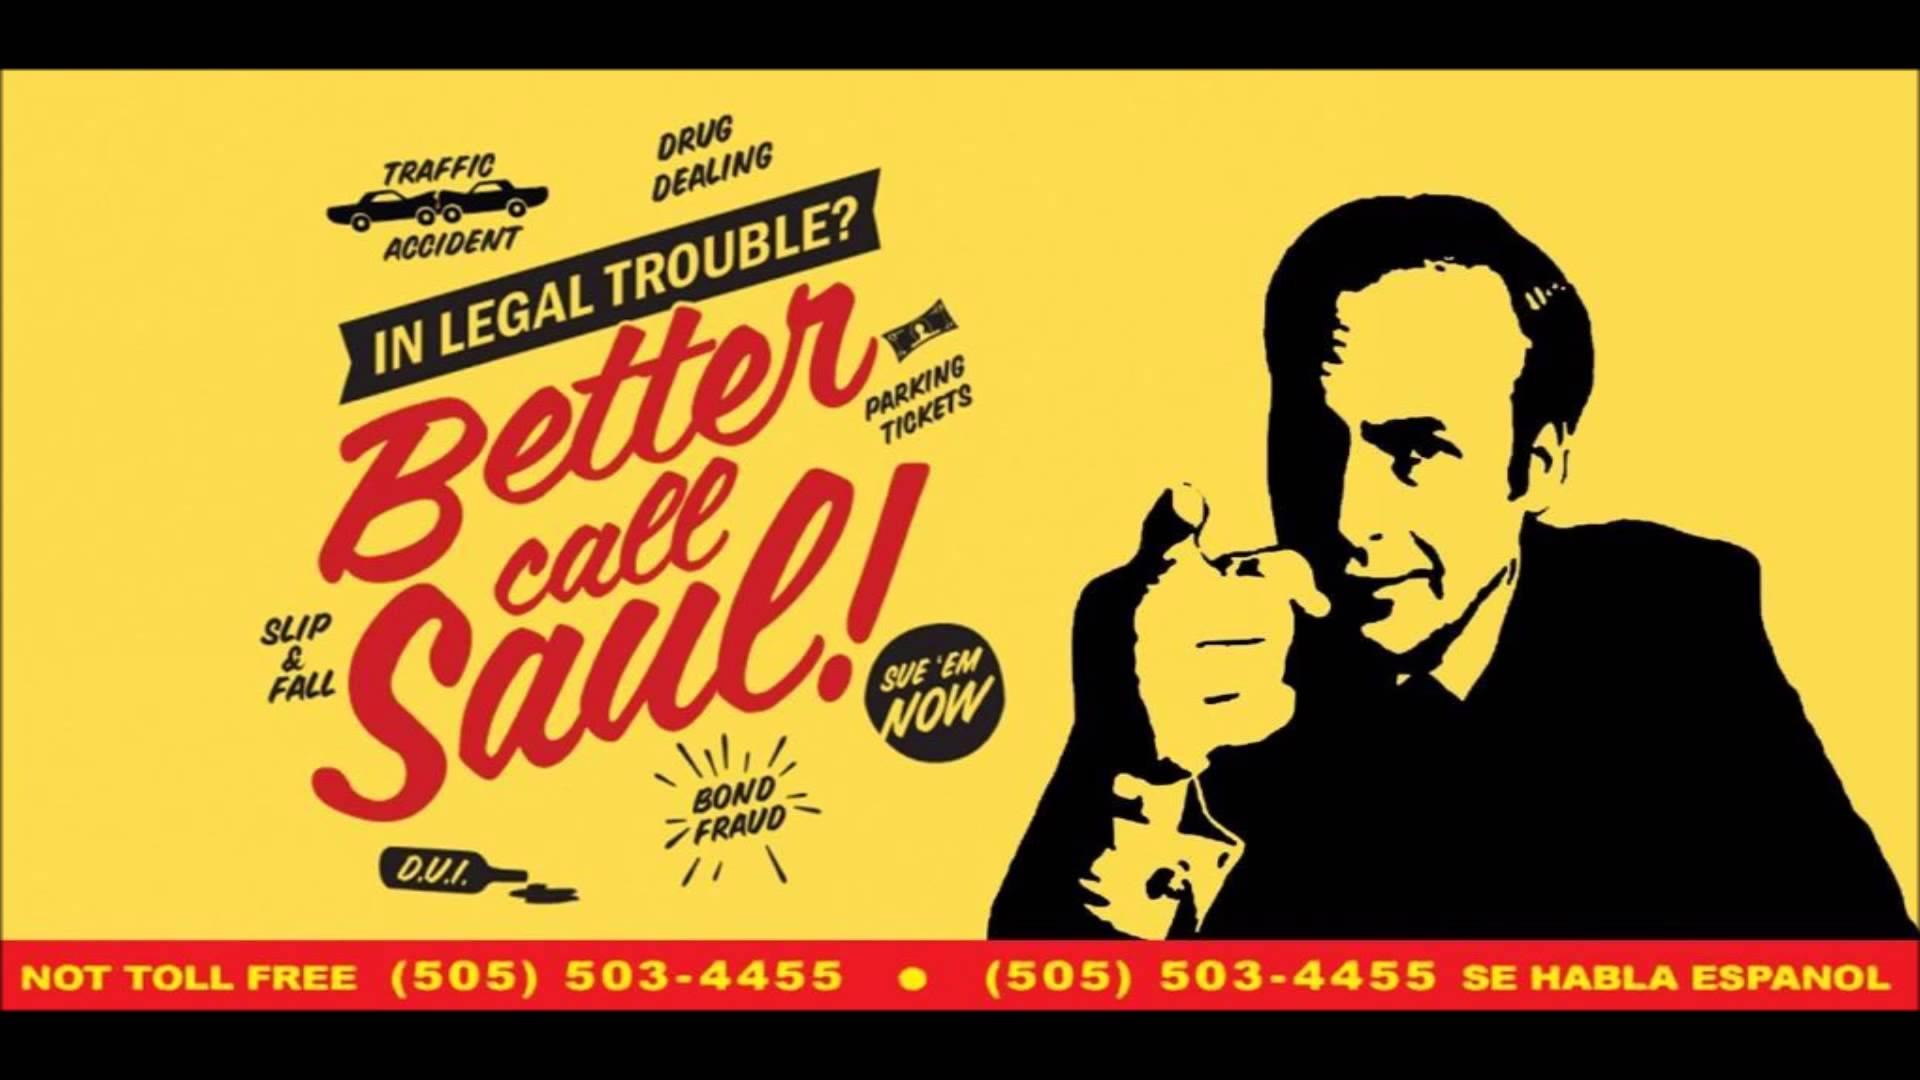 Better Call Saul wallpaper 1 1920x1080